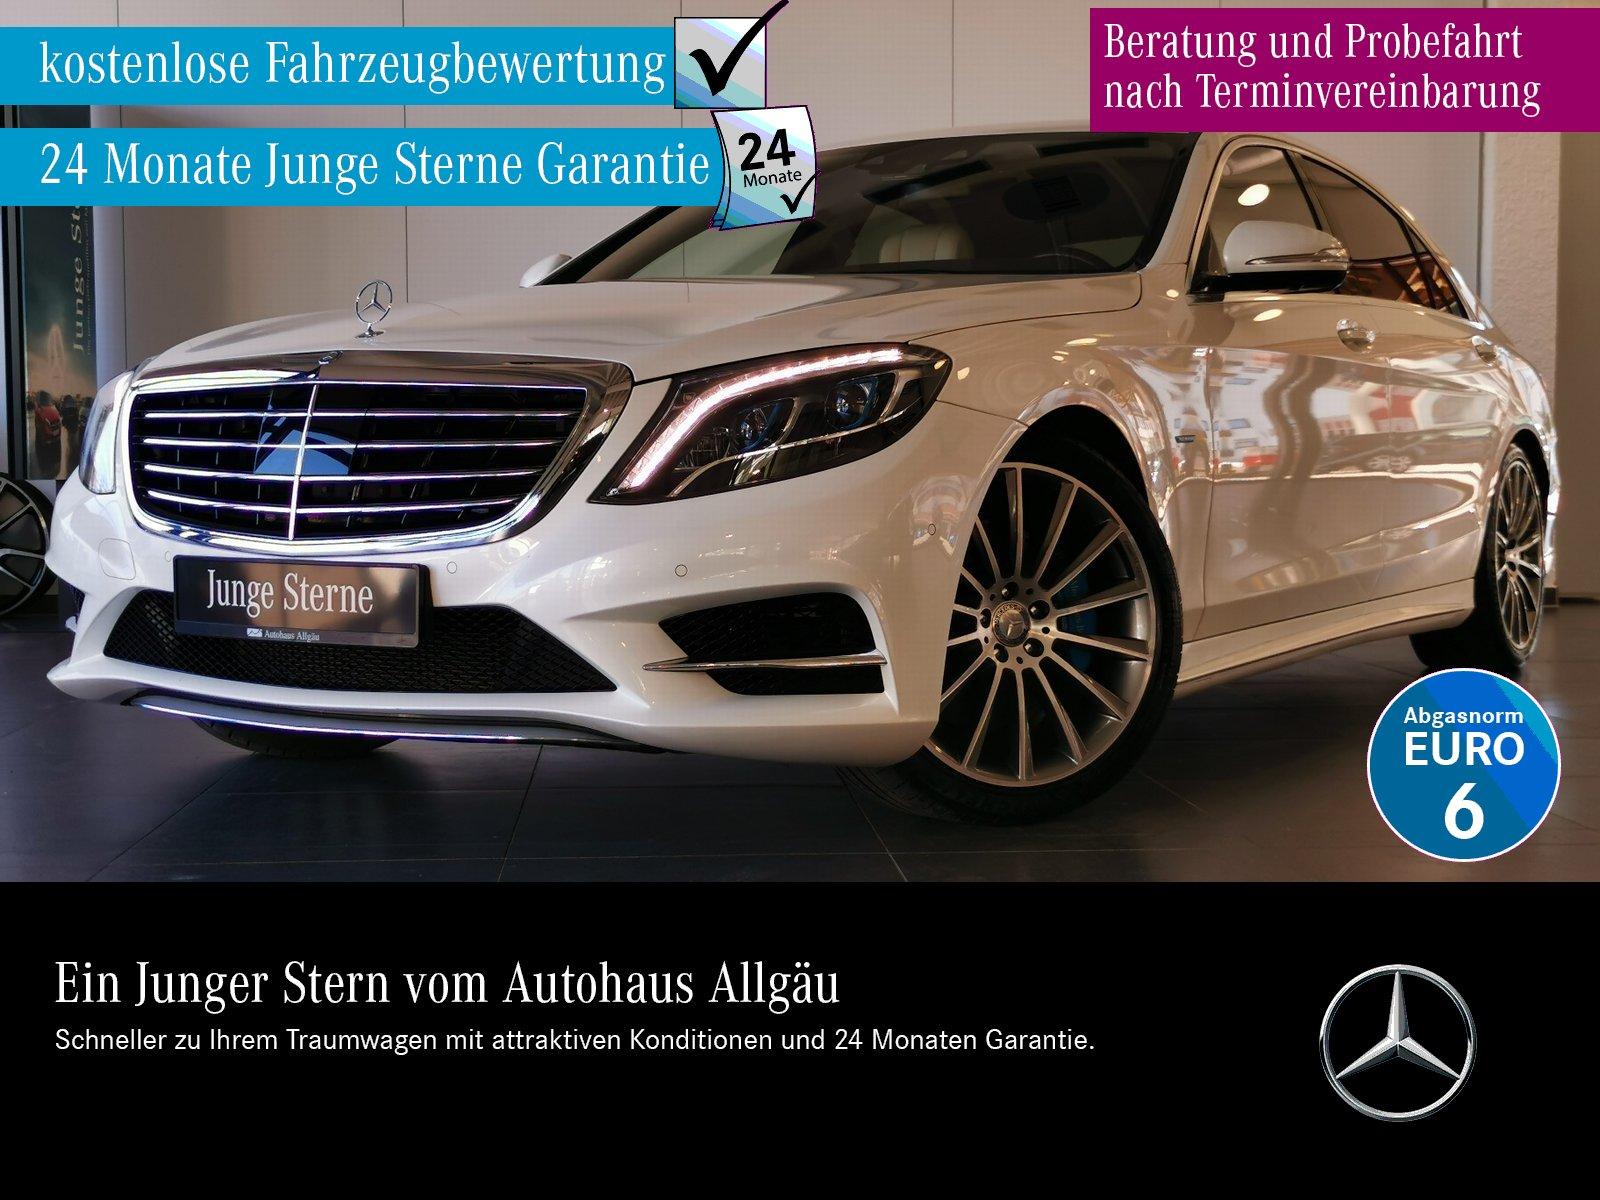 Mercedes-Benz S 500 e Hybrid AMG+ILS+COMAND+360°+DISTRONIC+BUR, Jahr 2016, Benzin